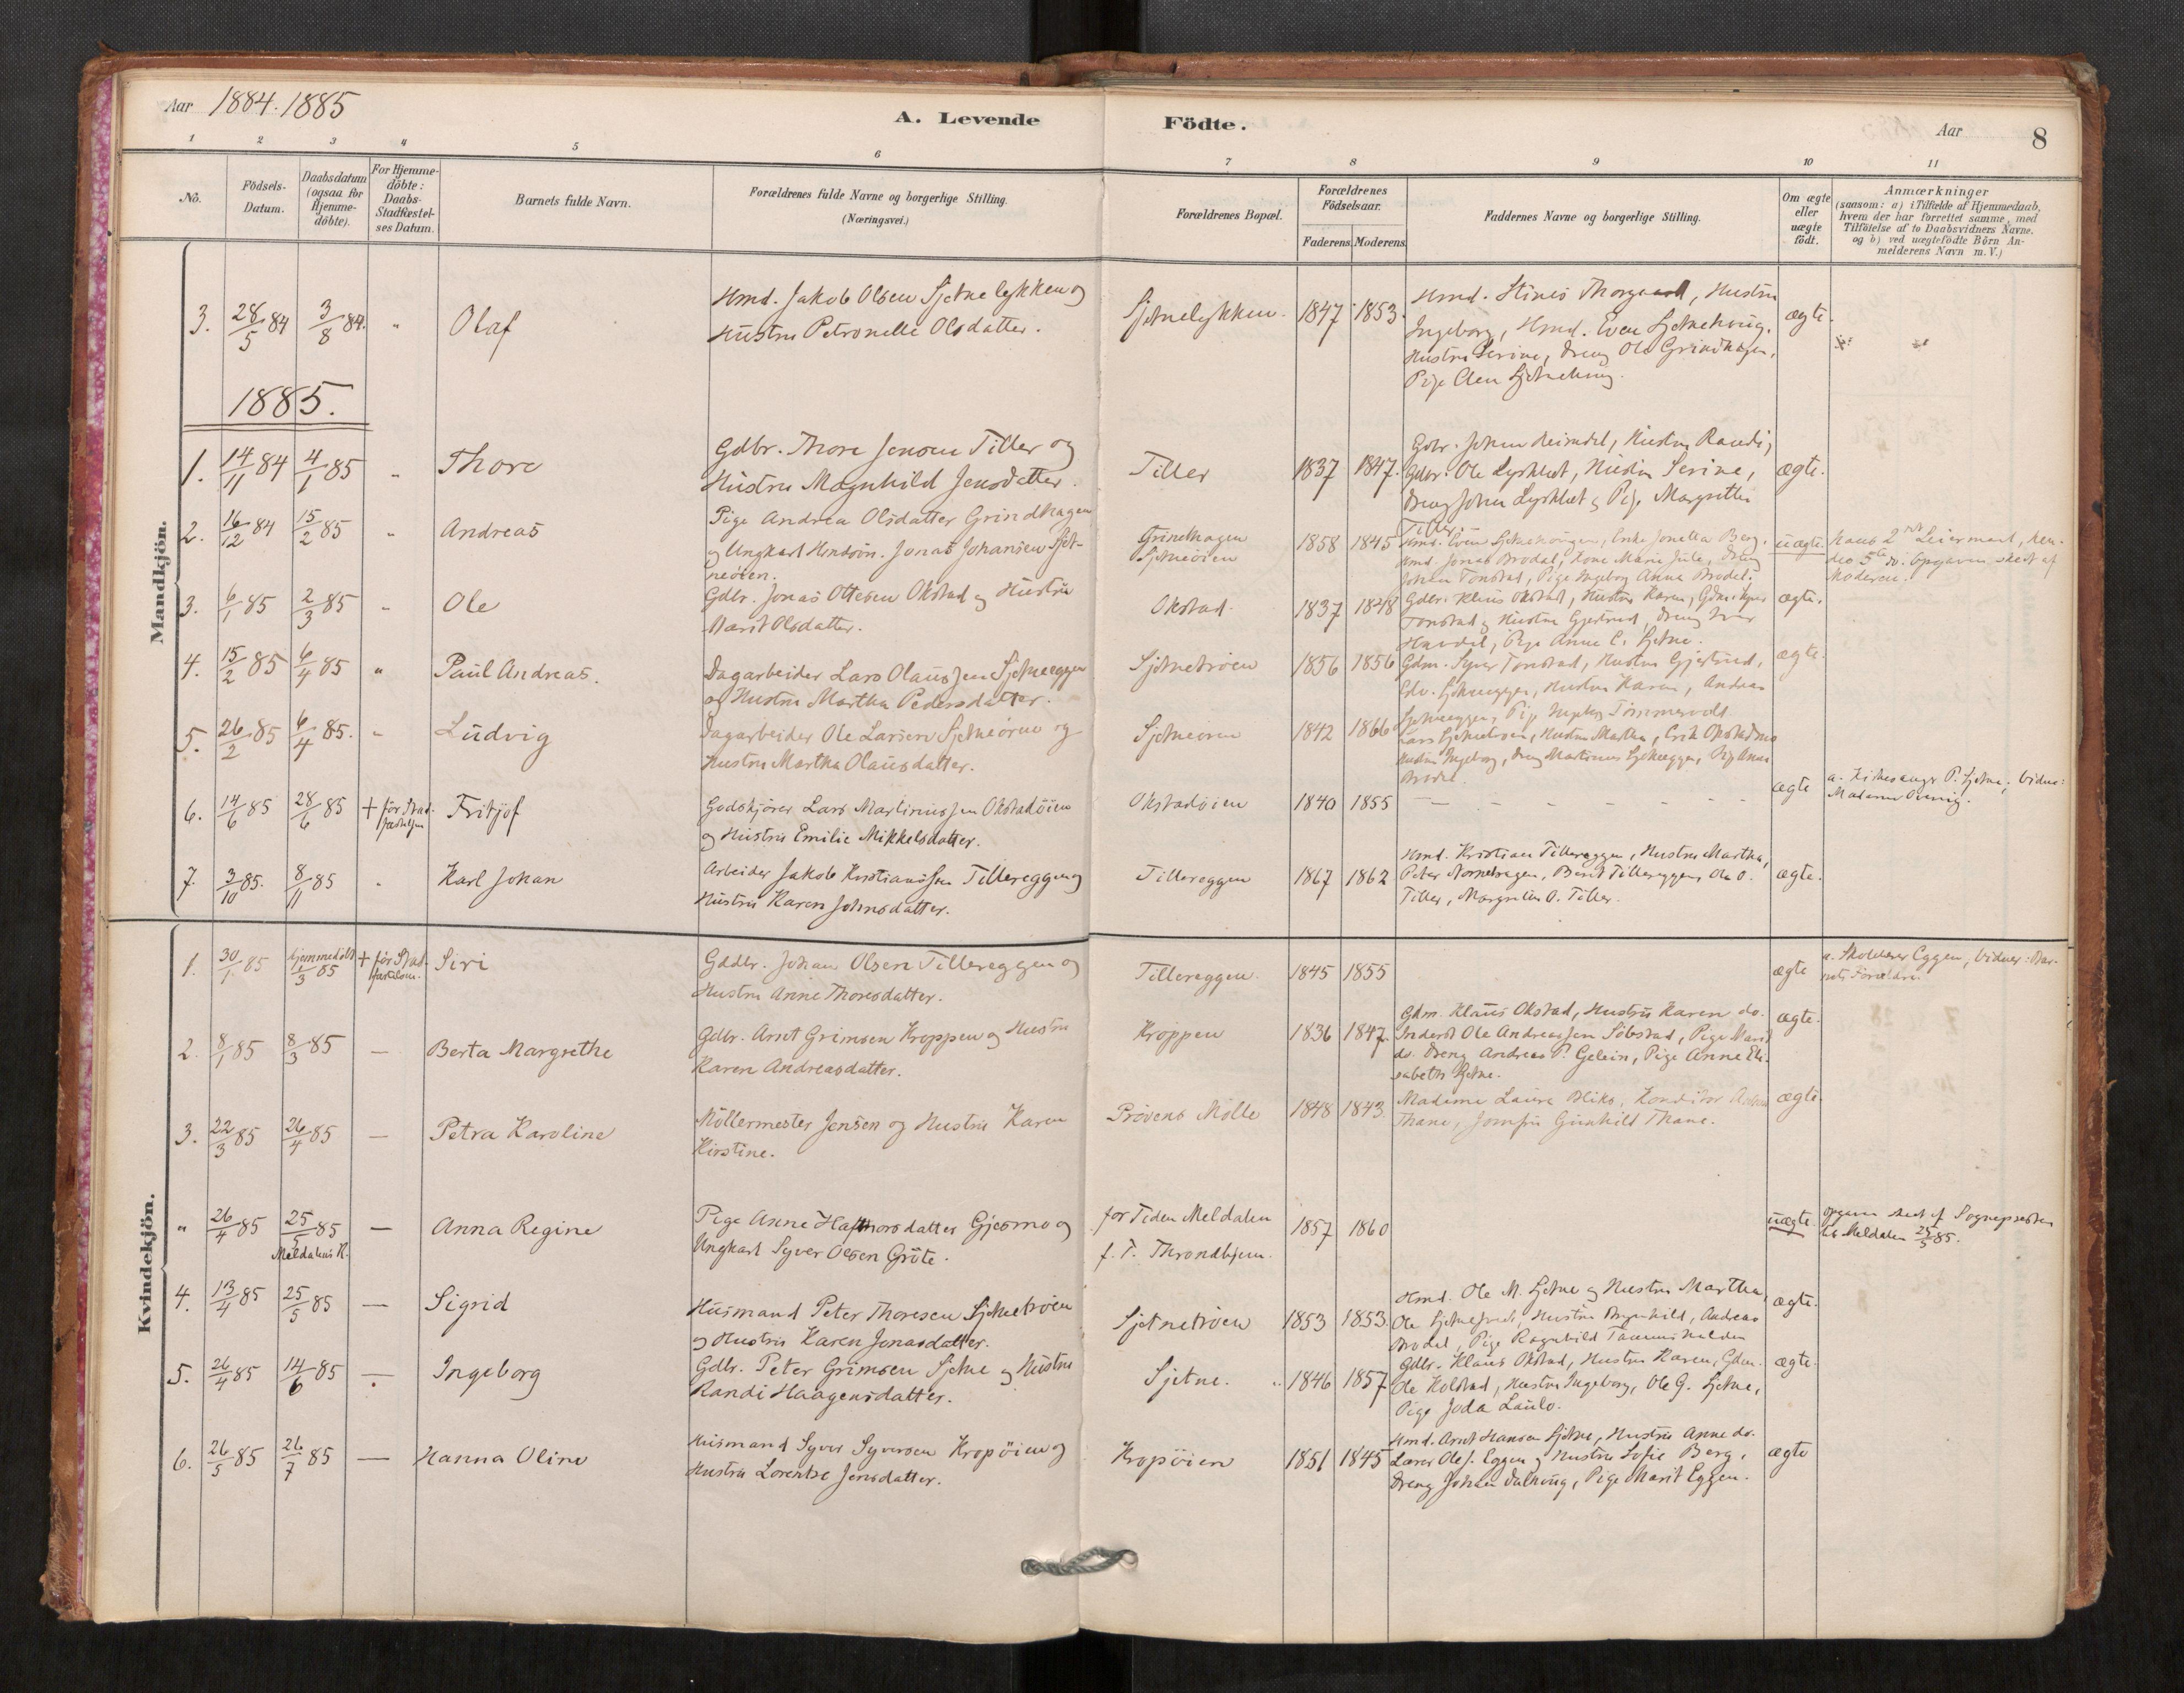 SAT, Klæbu sokneprestkontor, Parish register (official) no. 1, 1880-1900, p. 8